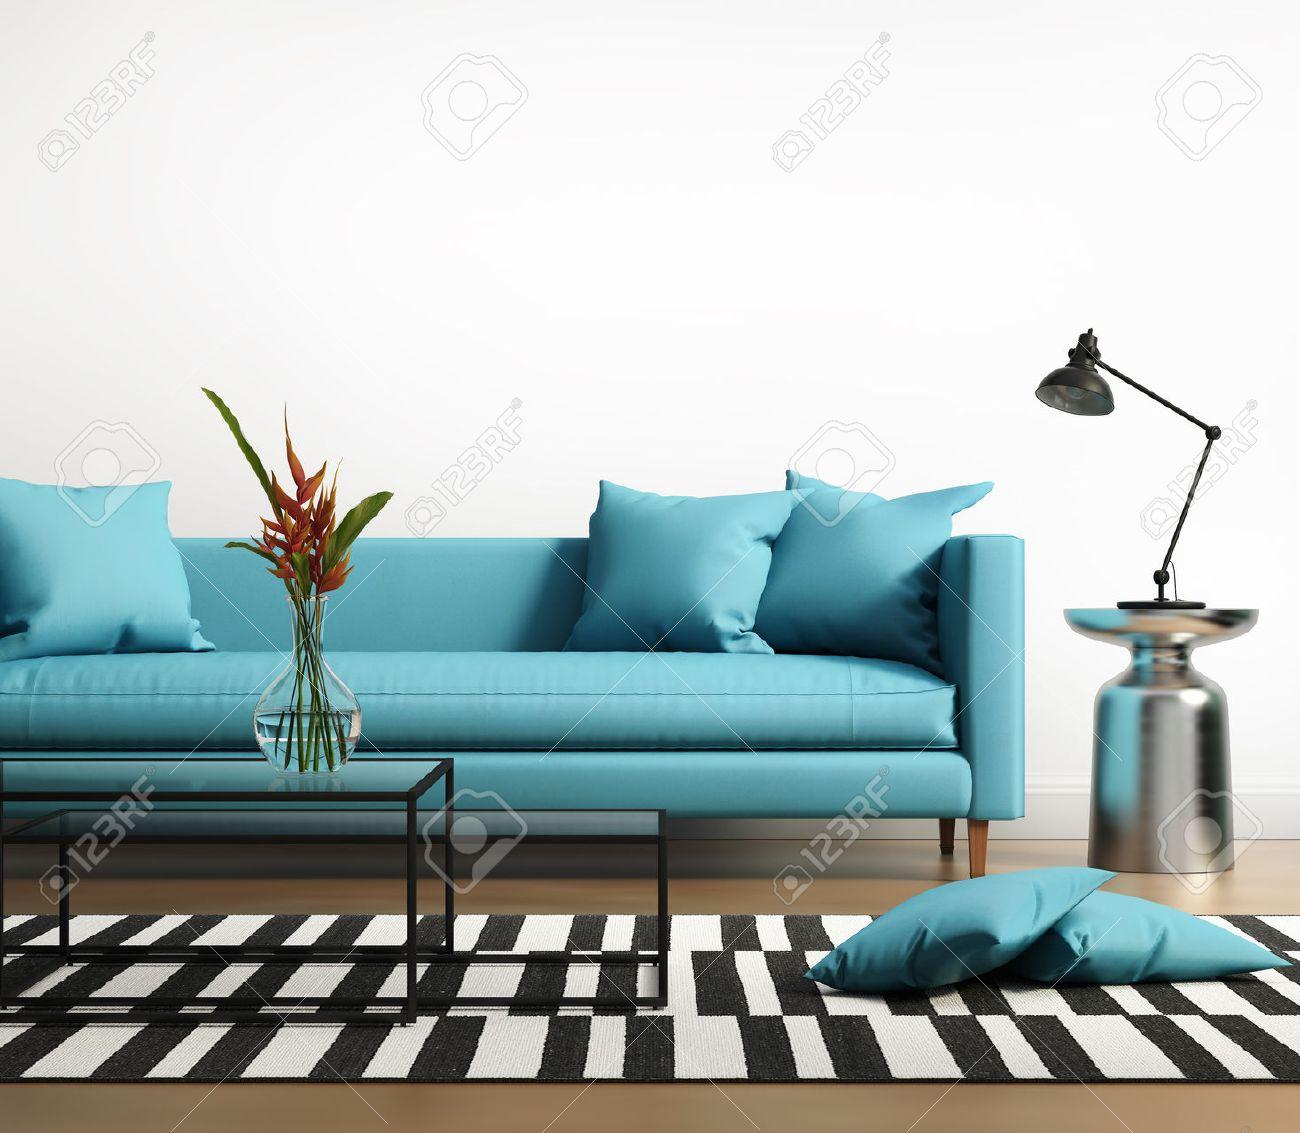 interieur moderne avec un canape bleu turquoise dans le salon